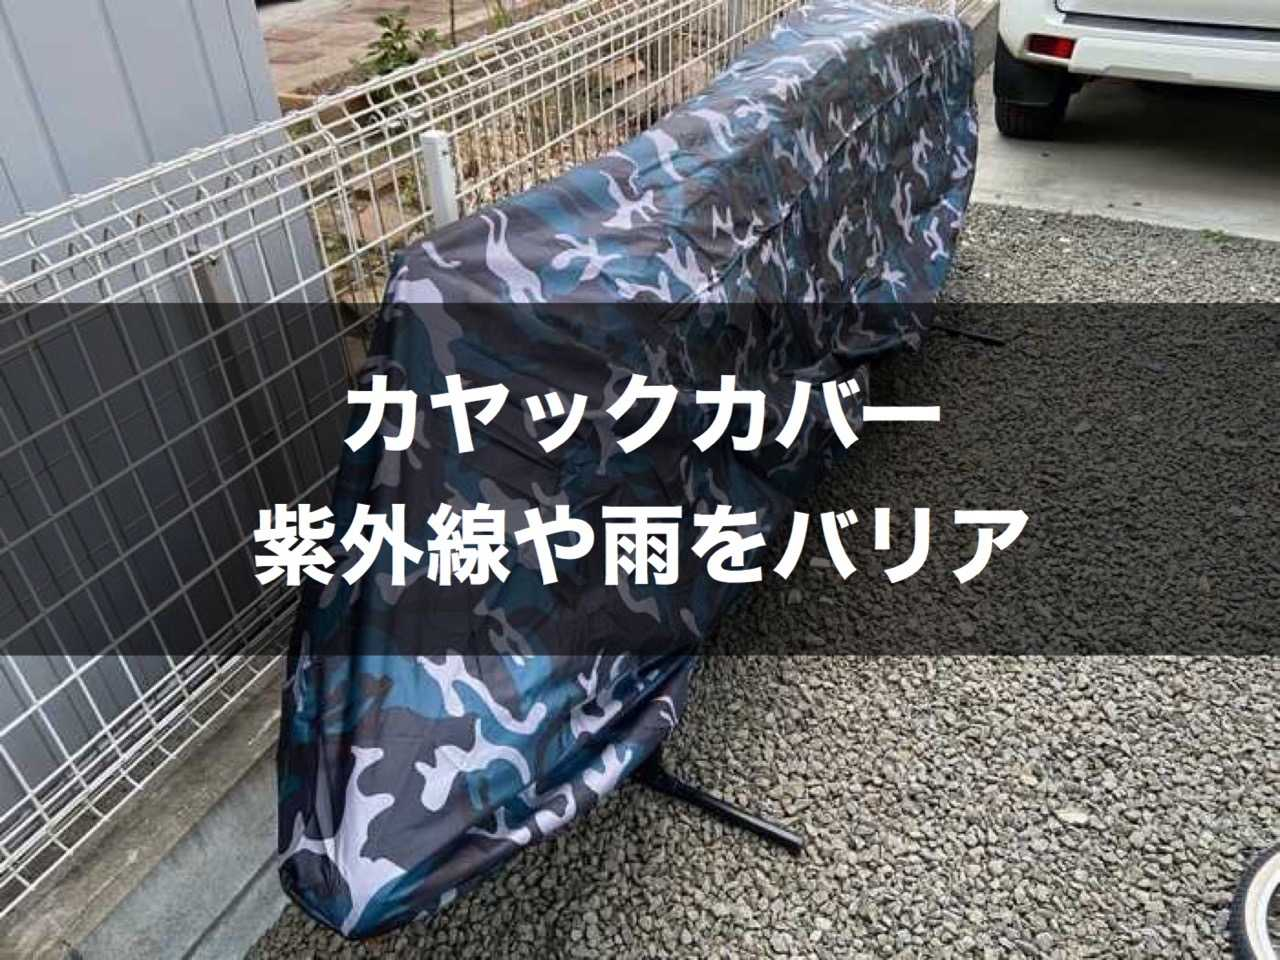 カヤックカバーを装着して紫外線や雨から守ろう